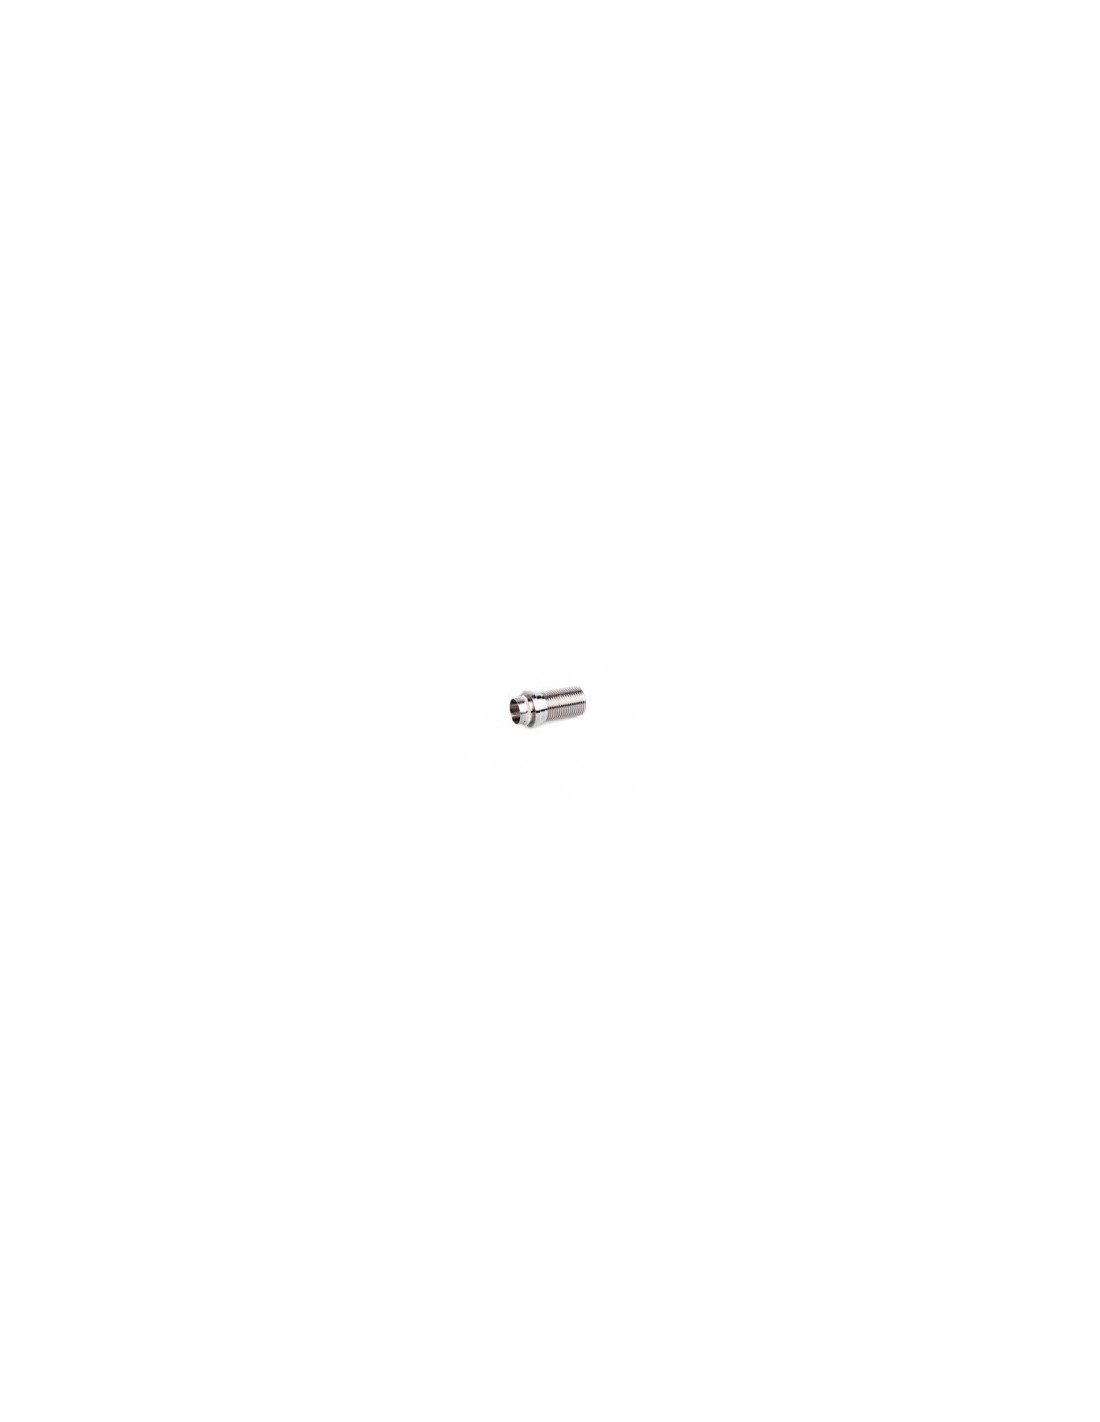 KOH01078 - Bakstycke (shank) till tappkran 35mm (15)